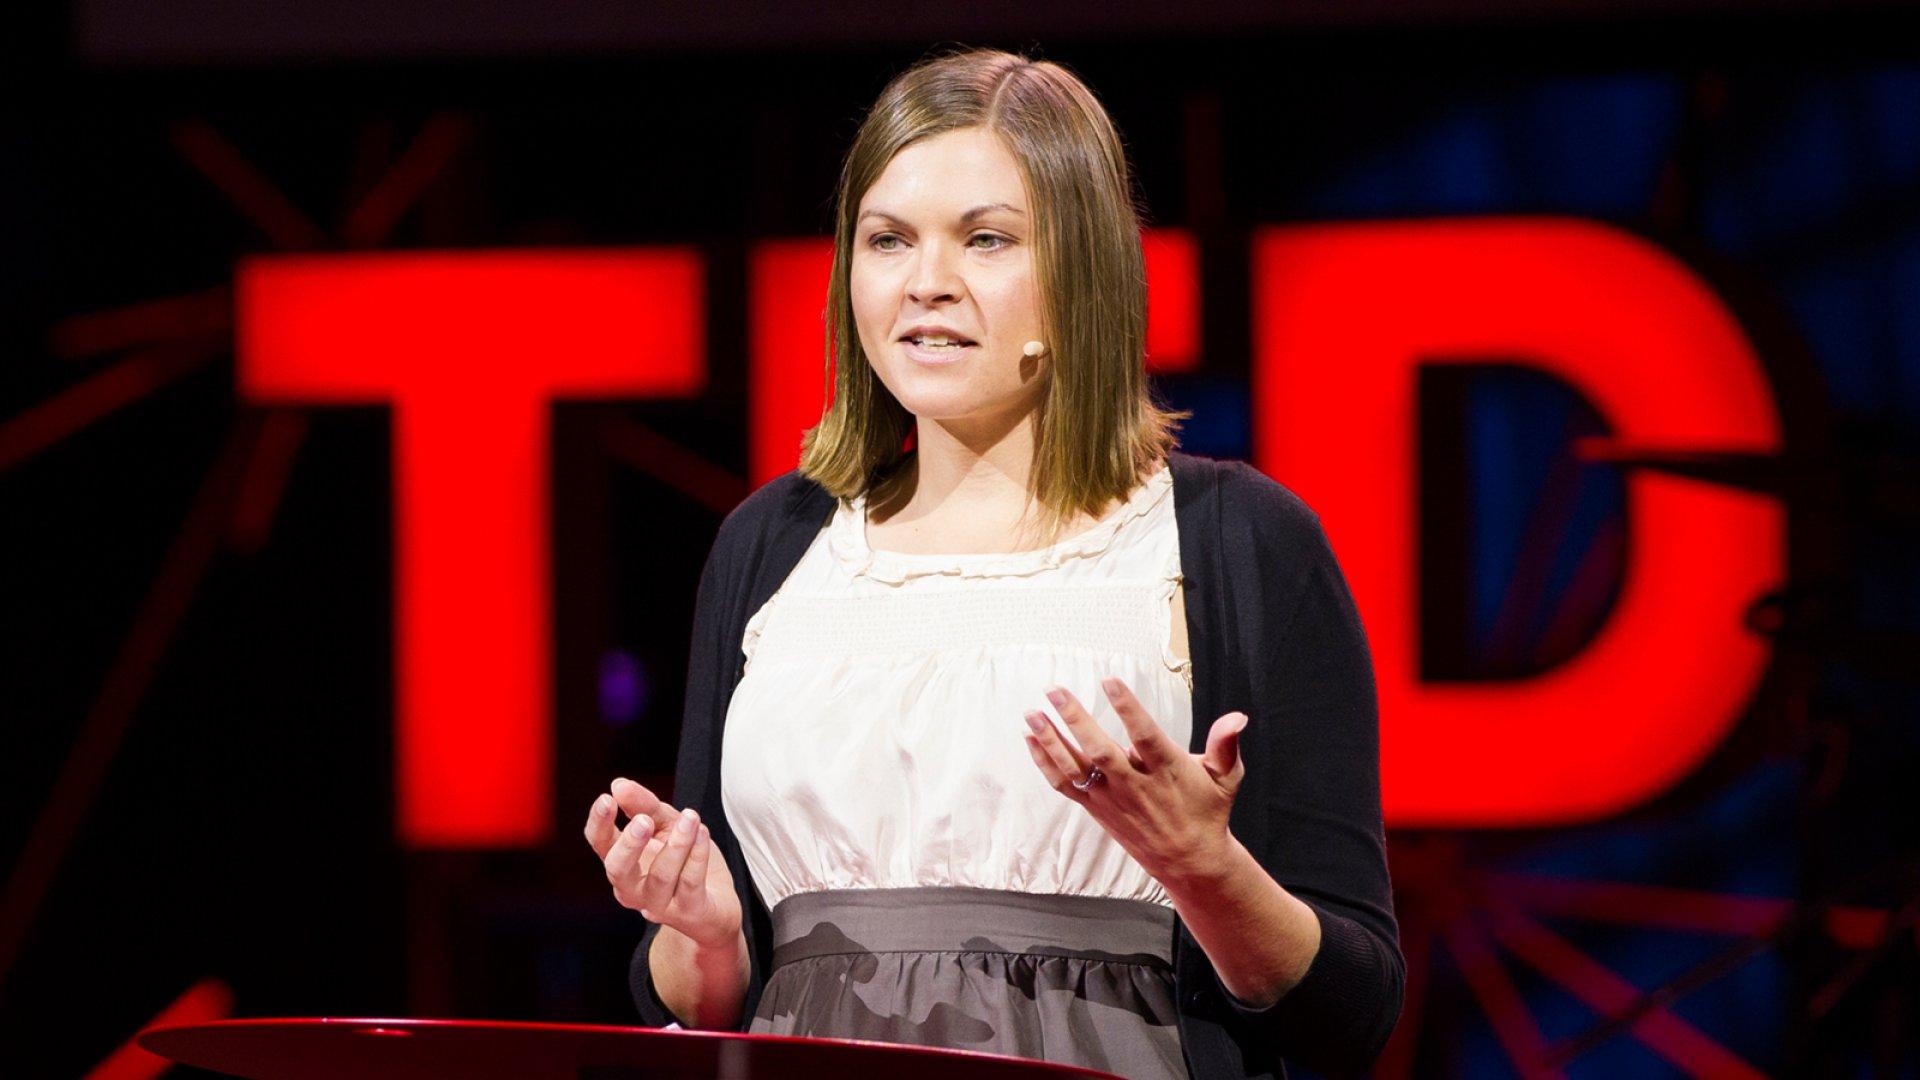 Karen Thompson Walker, novelist, speaks during Session 3: Building Blocks, at TEDGlobal 2012 on Tuesday, June 26, in Edinburgh, Scotland.